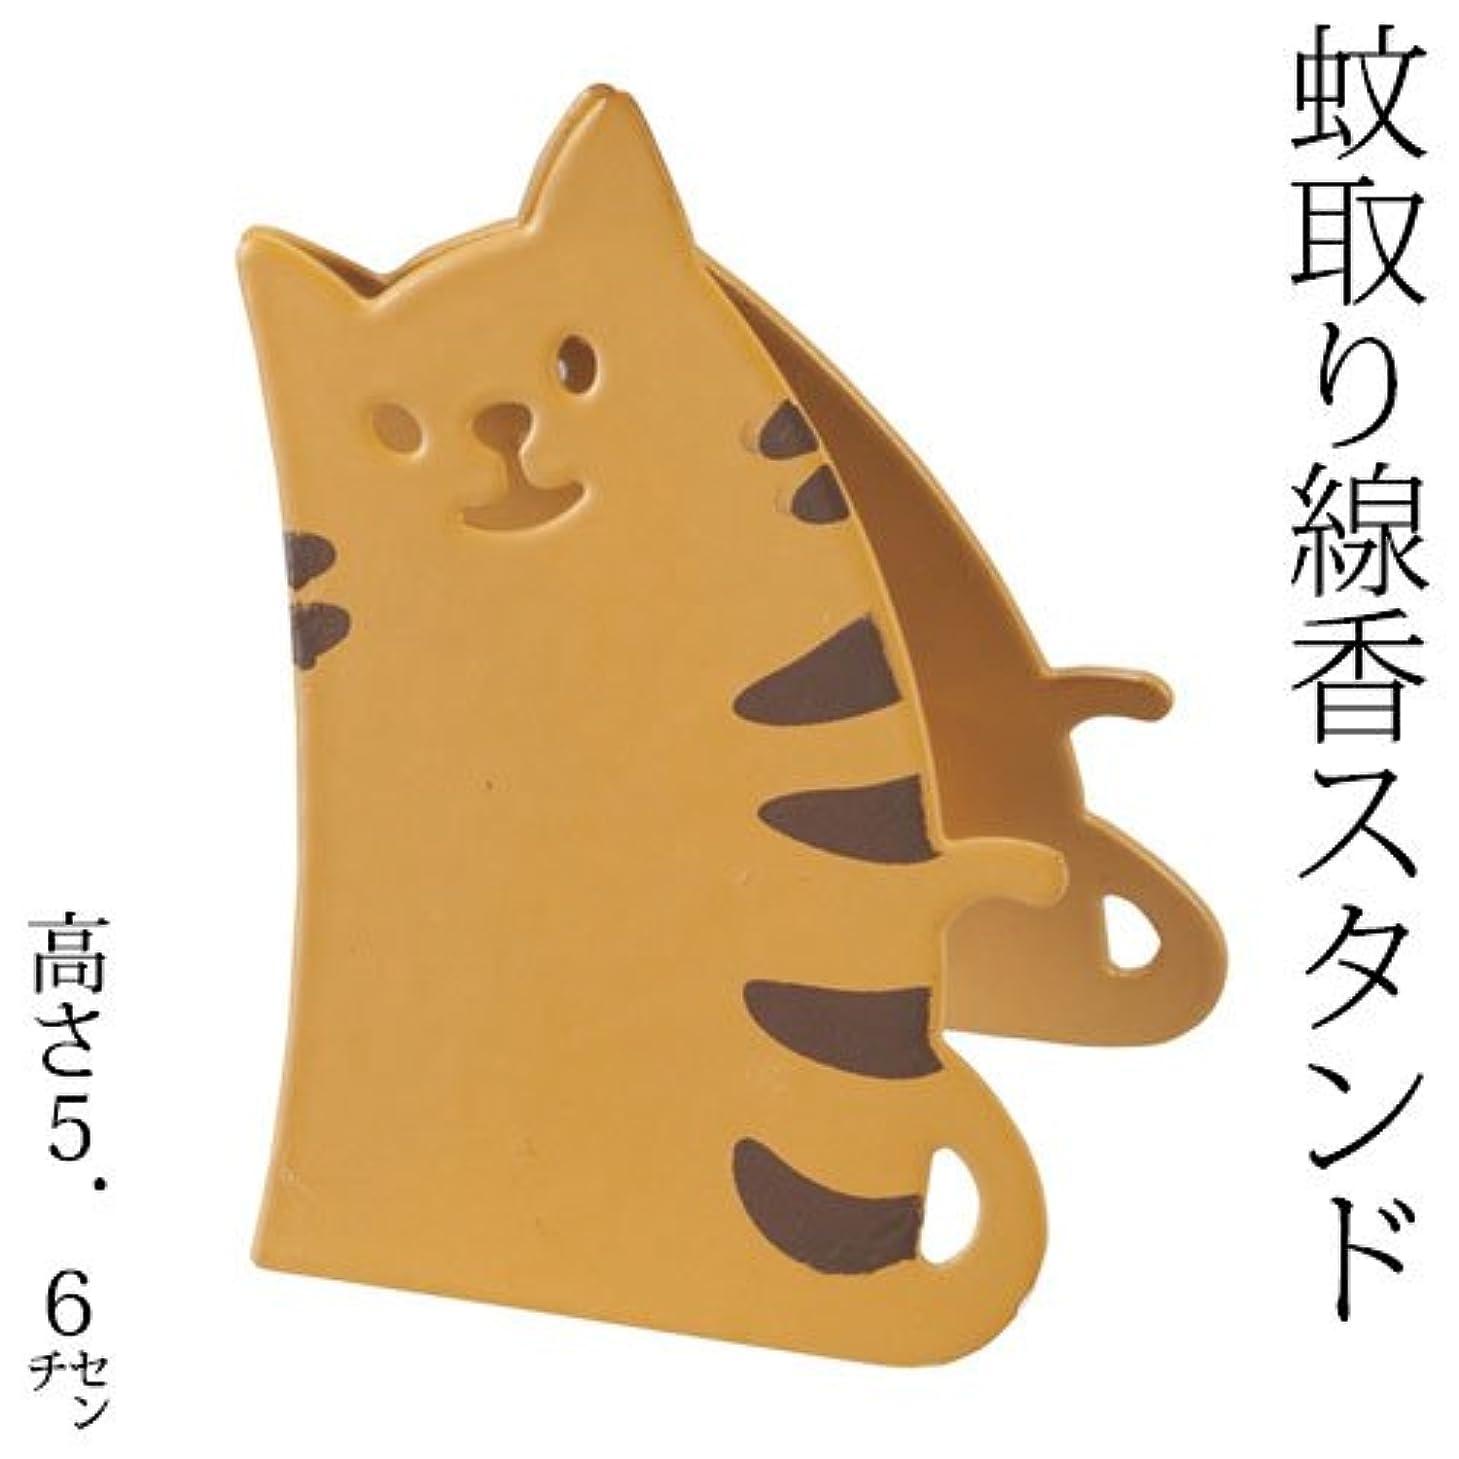 ウェイド多くの危険がある状況シャトルDECOLE蚊取り線香クリップスタンドトラ猫 (SK-13936)Mosquito coil clip stand